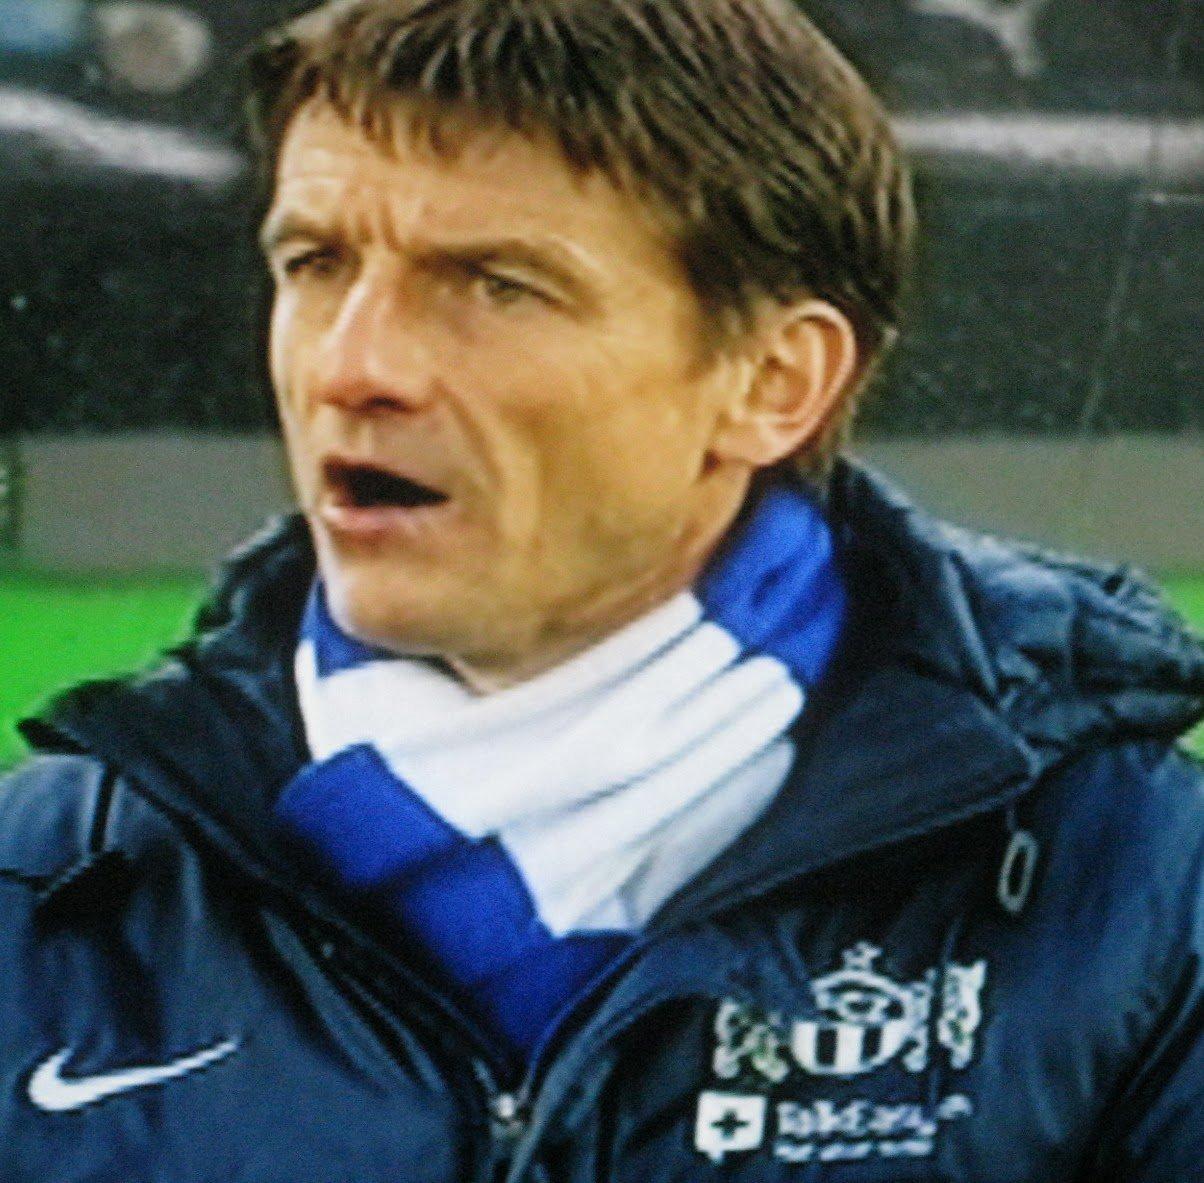 1LP: Urs Meier nuovo allenatore del Rapperswil